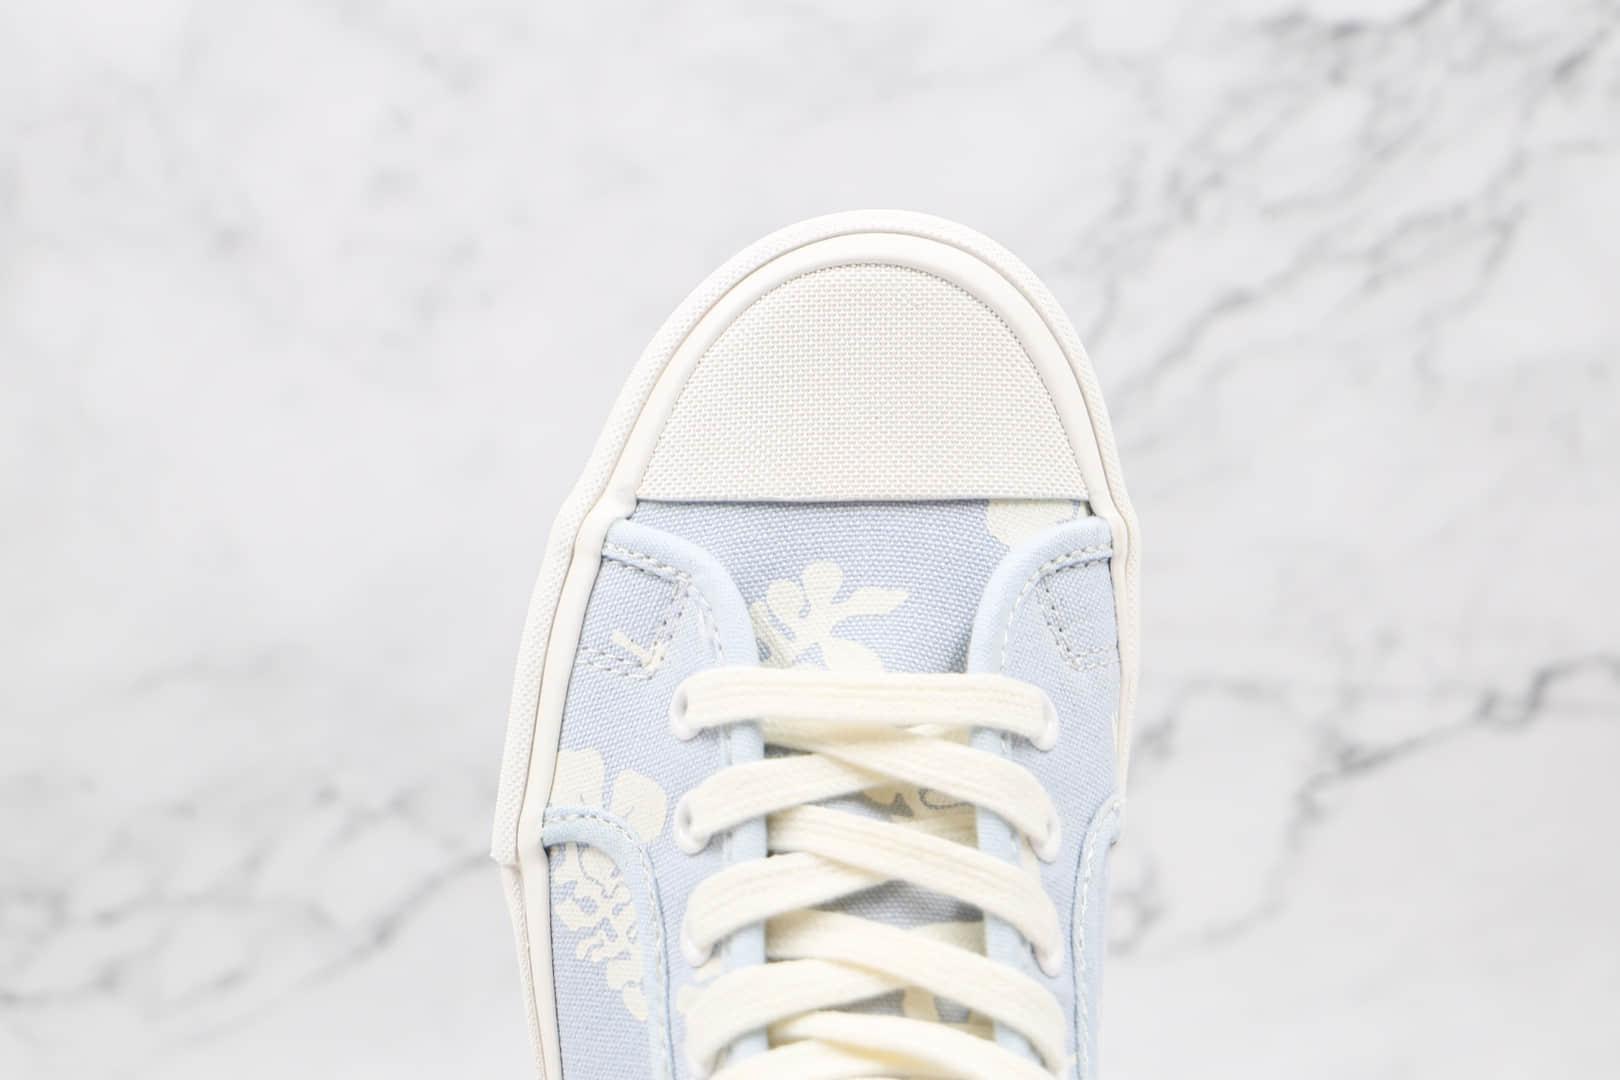 万斯Vans Vault OG Style 24 LX公司级版本高帮淡蓝色花卉硫化板鞋原鞋开模一比一打造 货号:VN0A5HUT4O6